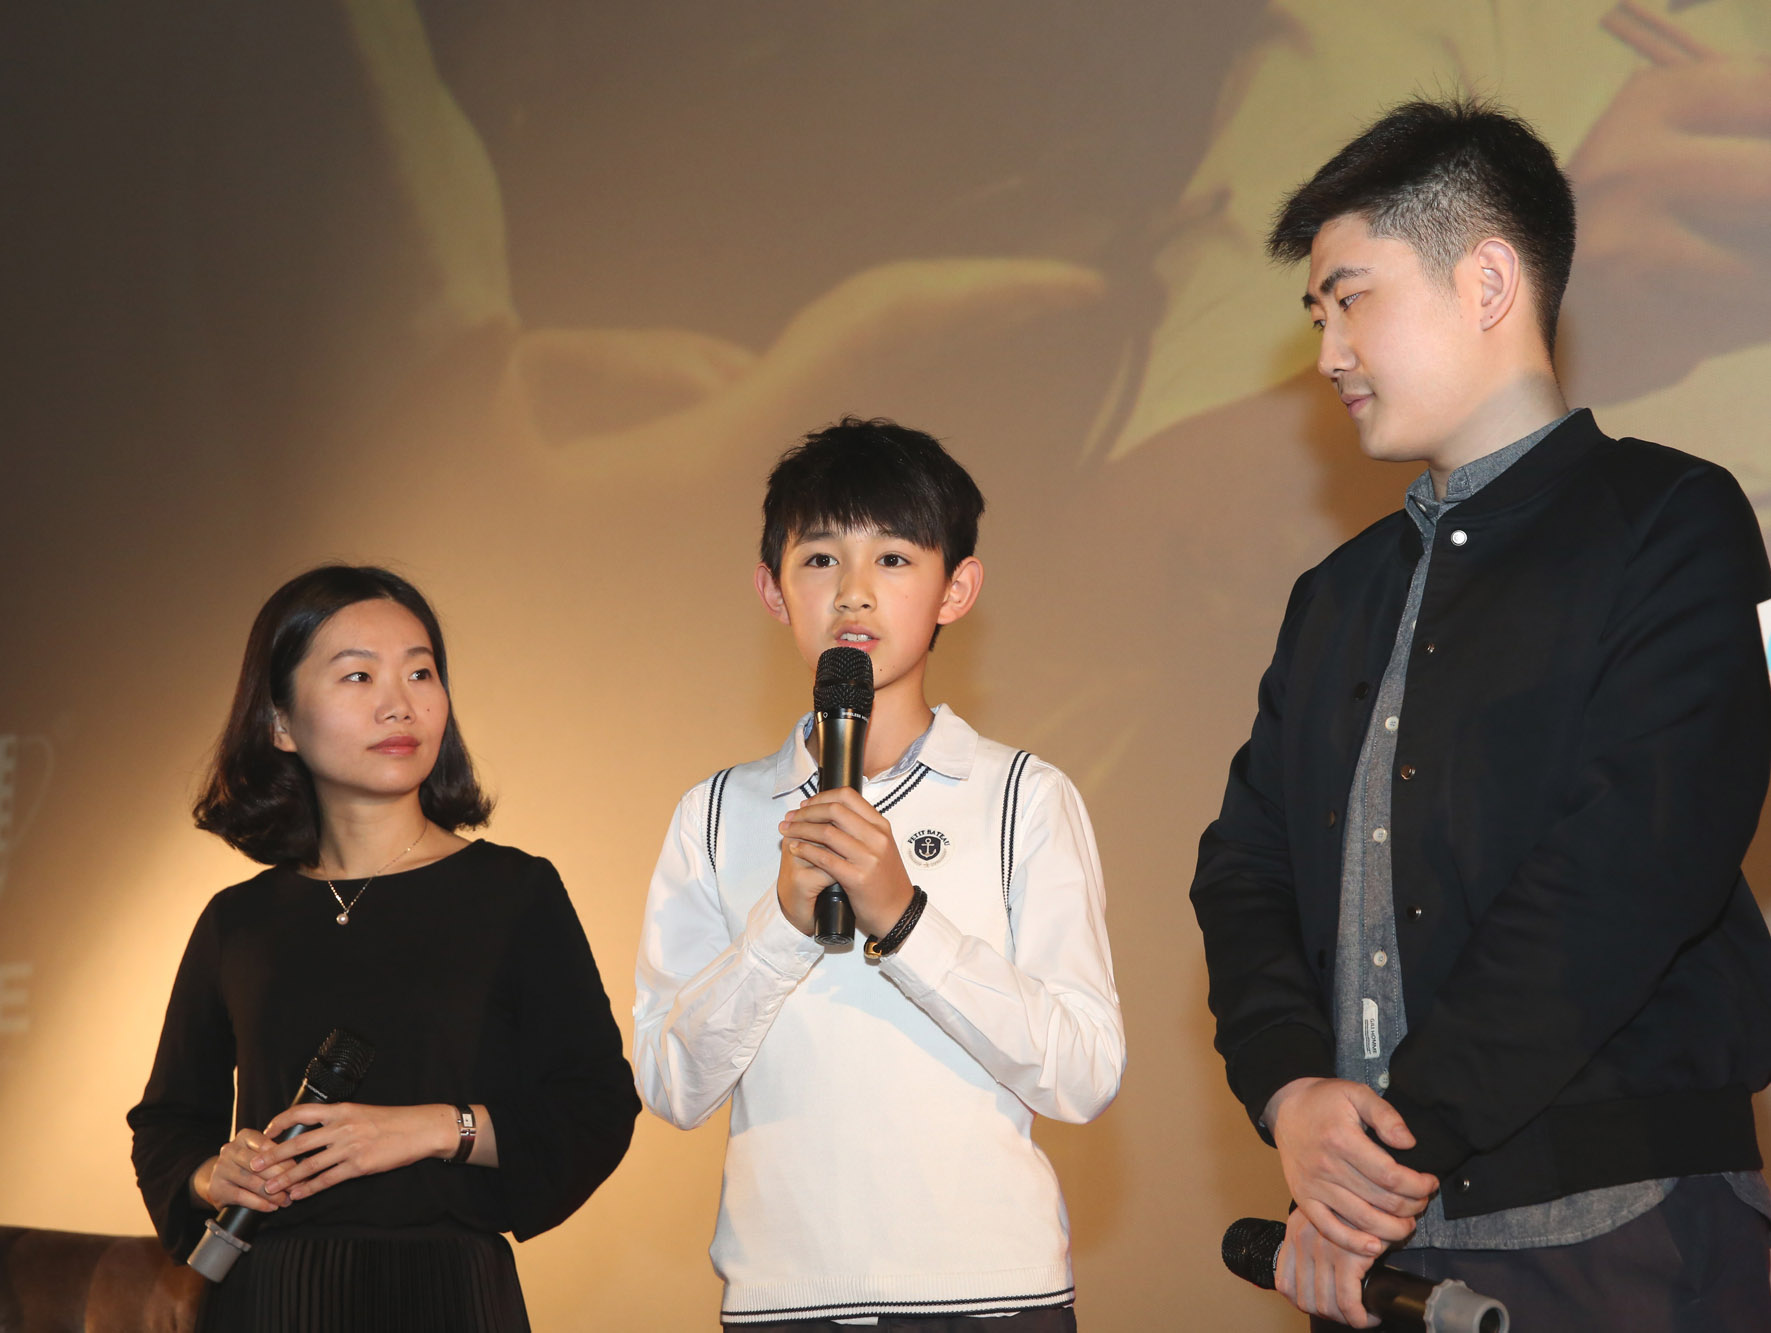 《西小河的夏天》北影节展映足球小将荣梓杉软萌亮相